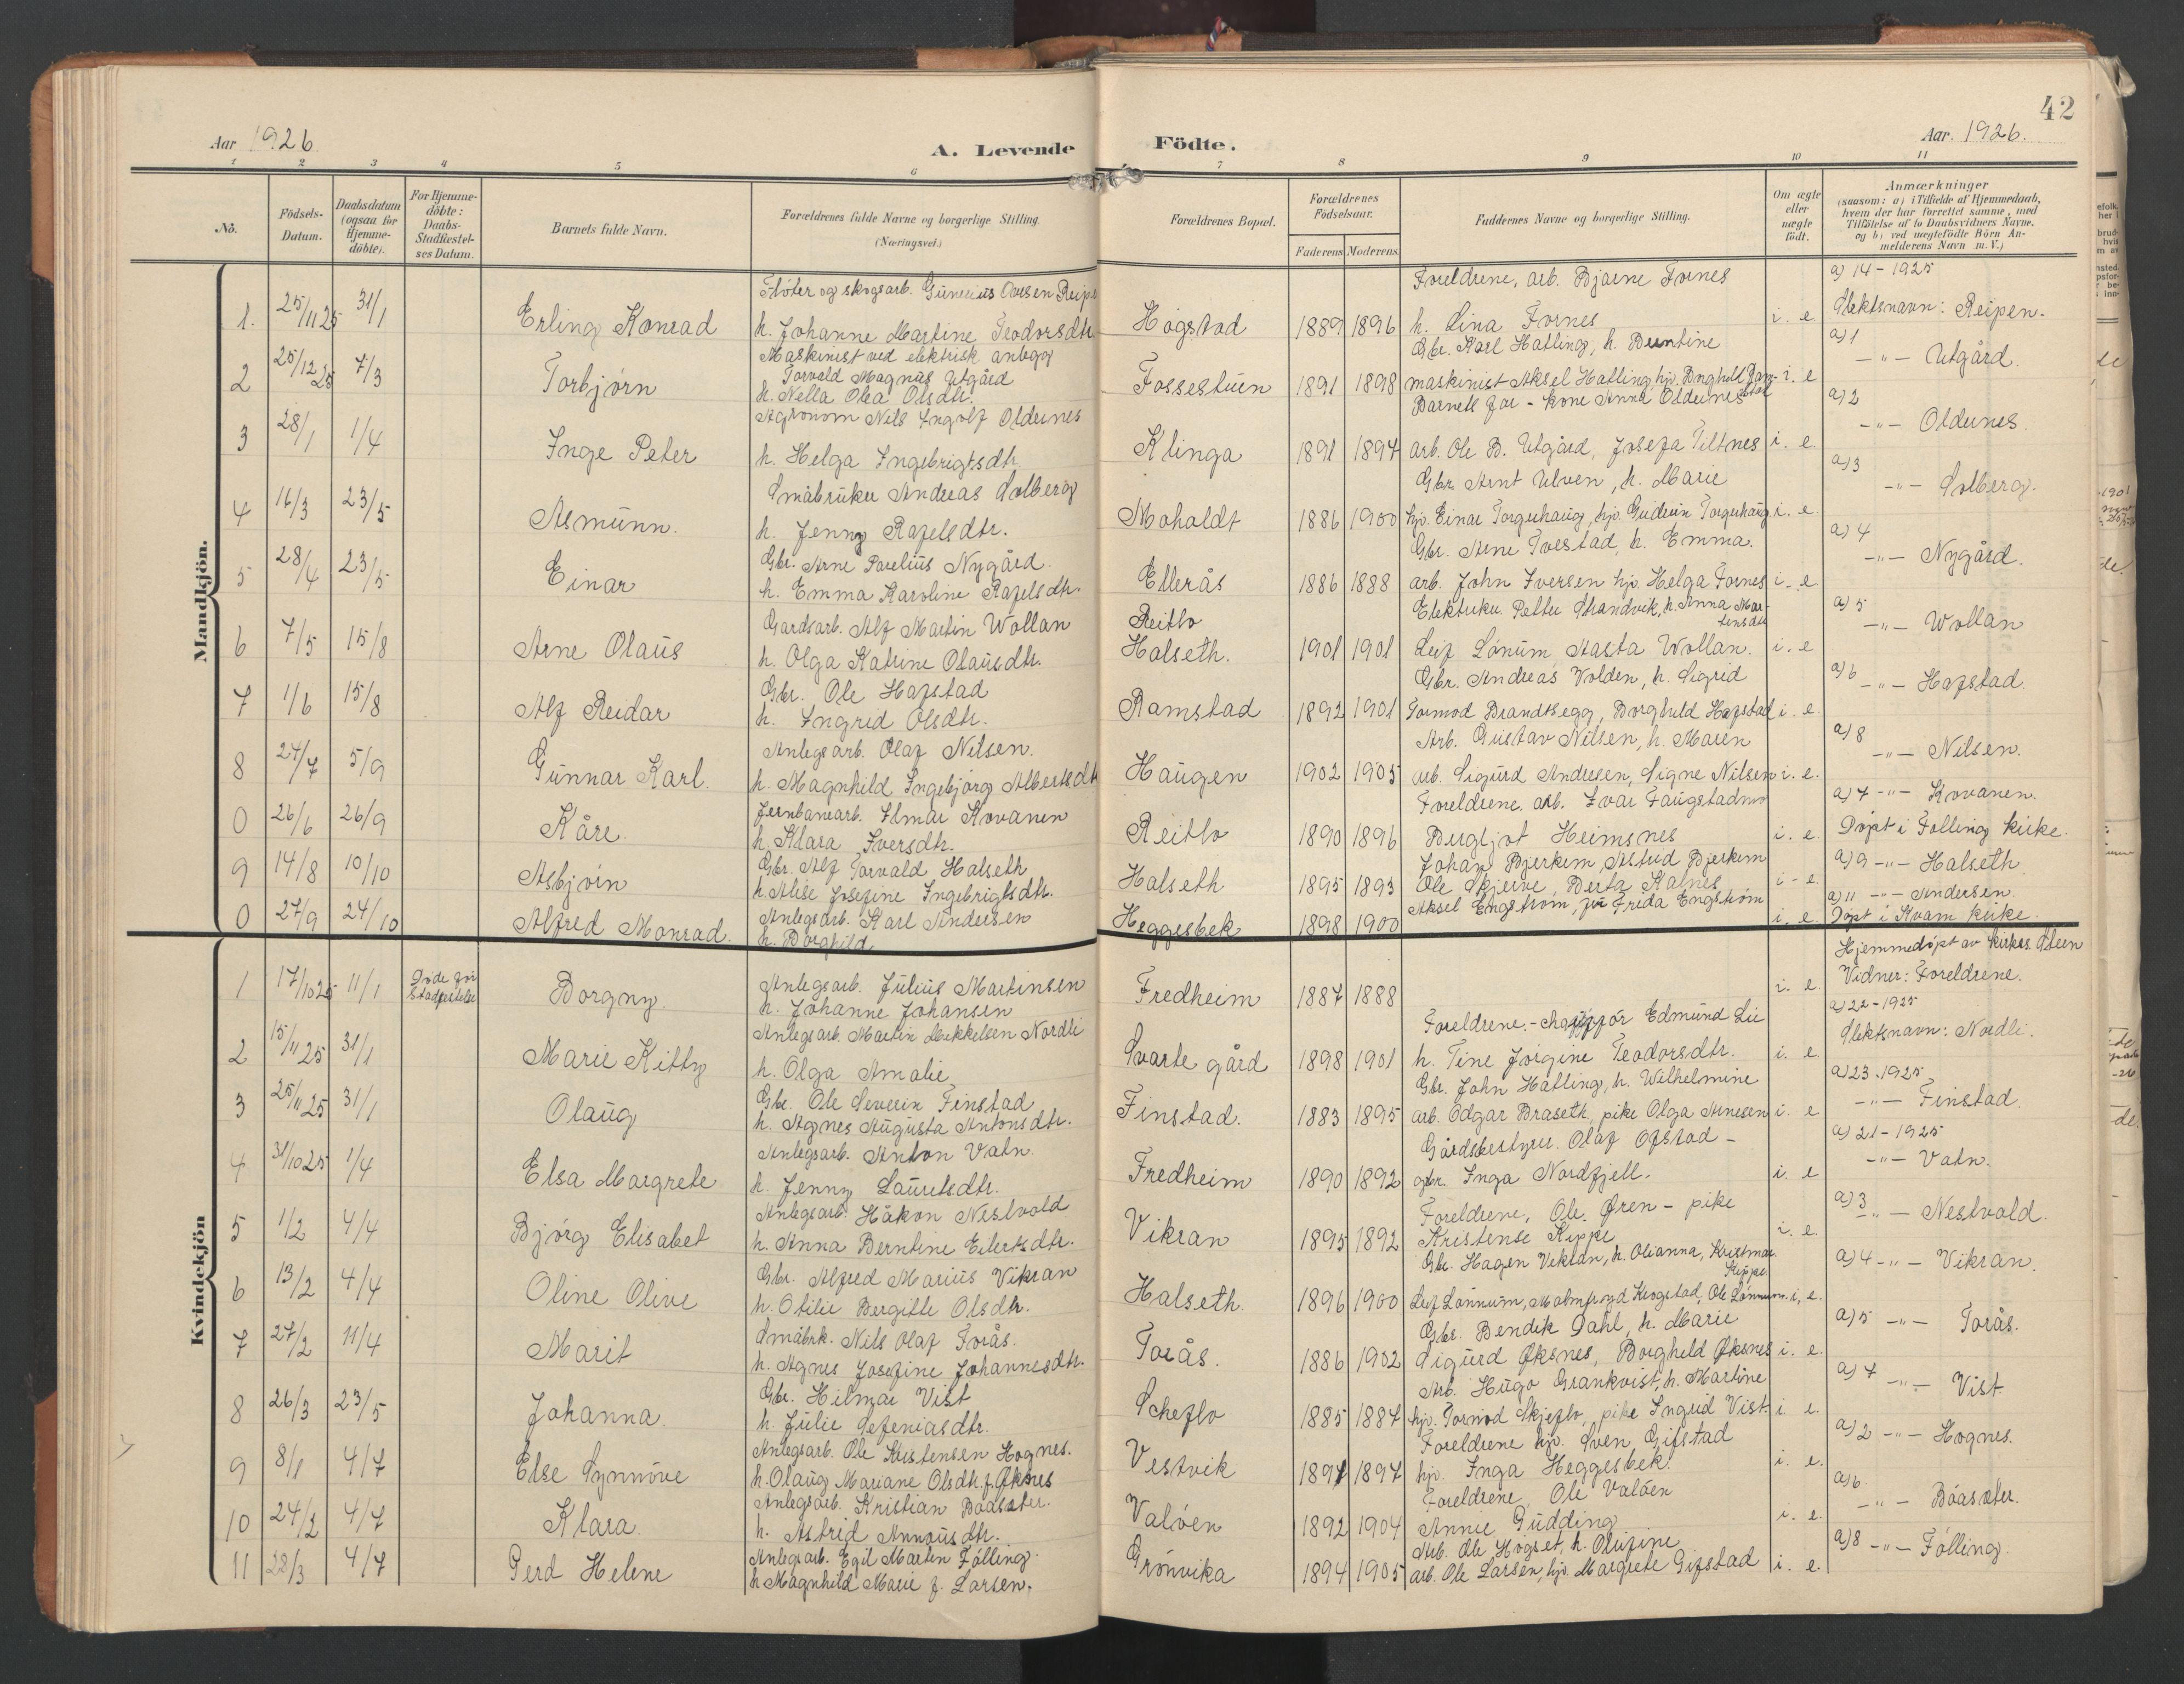 SAT, Ministerialprotokoller, klokkerbøker og fødselsregistre - Nord-Trøndelag, 746/L0455: Klokkerbok nr. 746C01, 1908-1933, s. 42